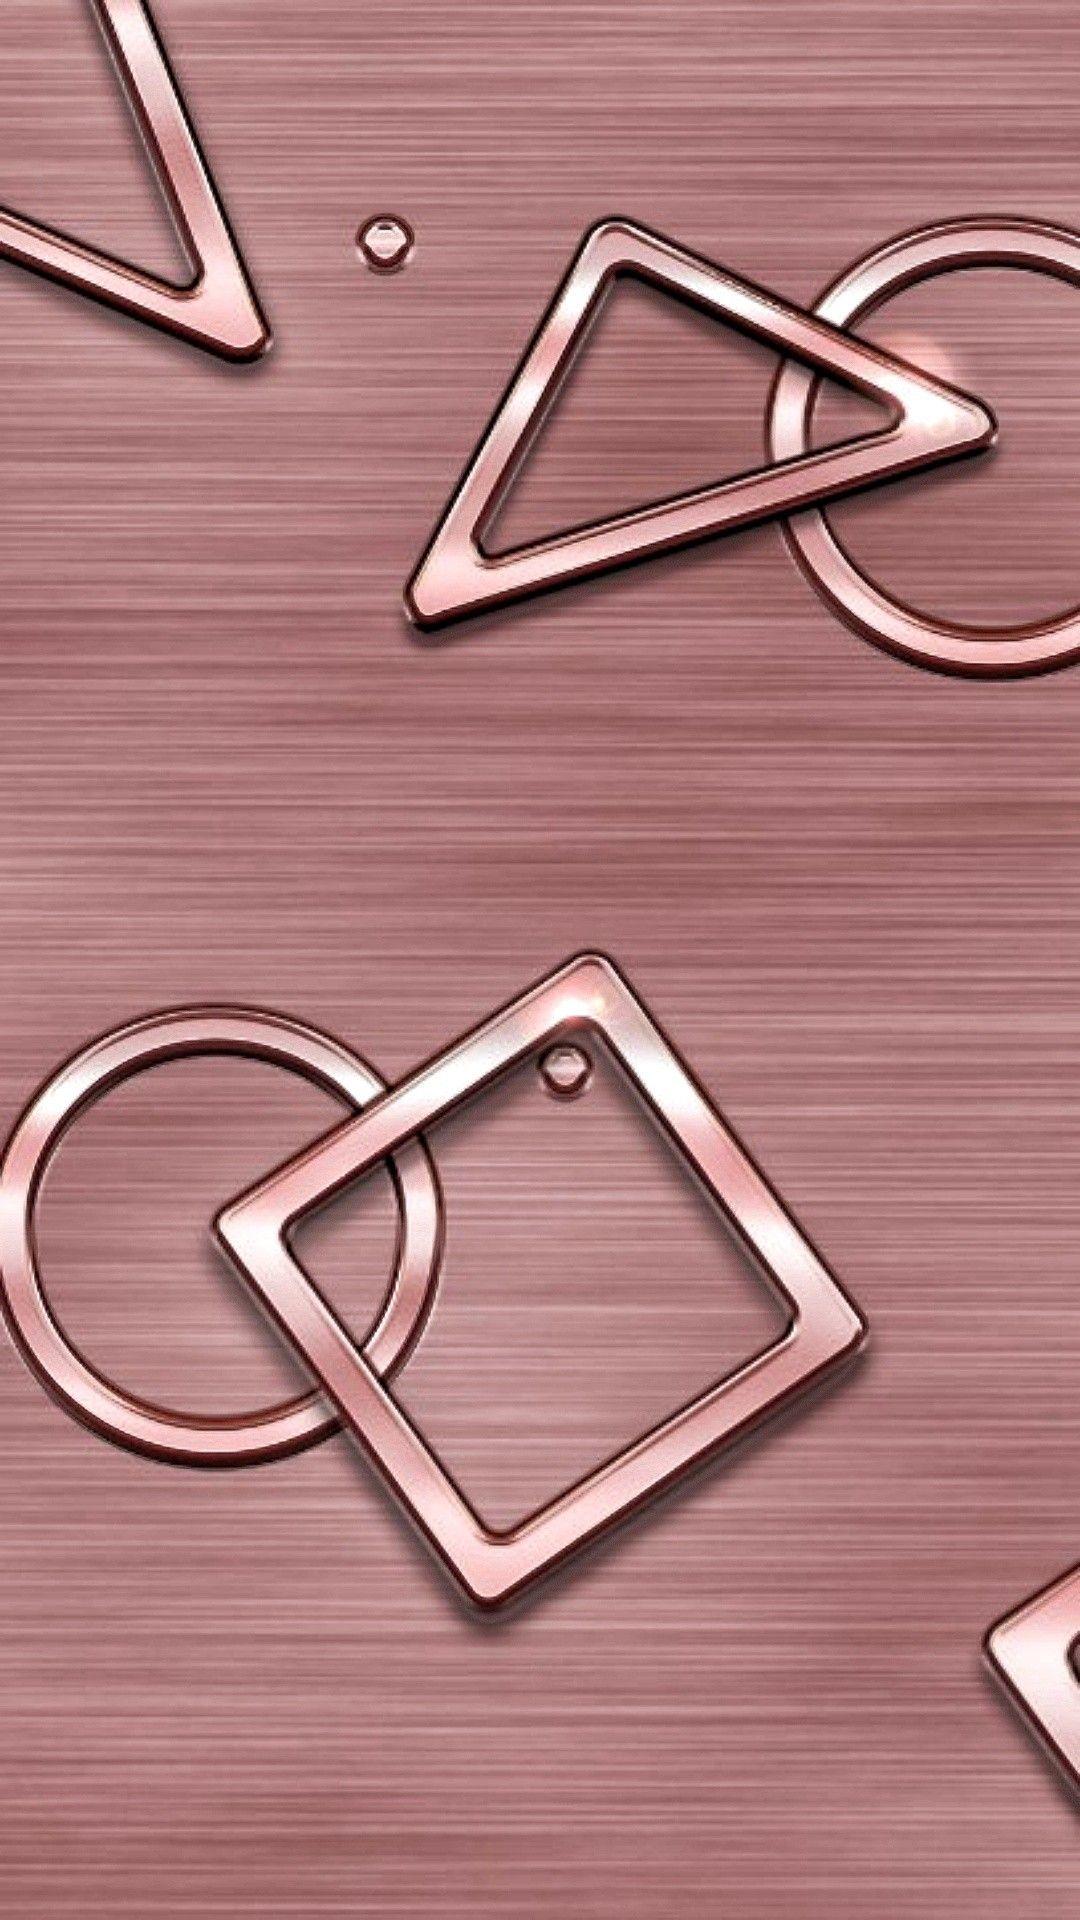 Fondos de pantalla de color bronce